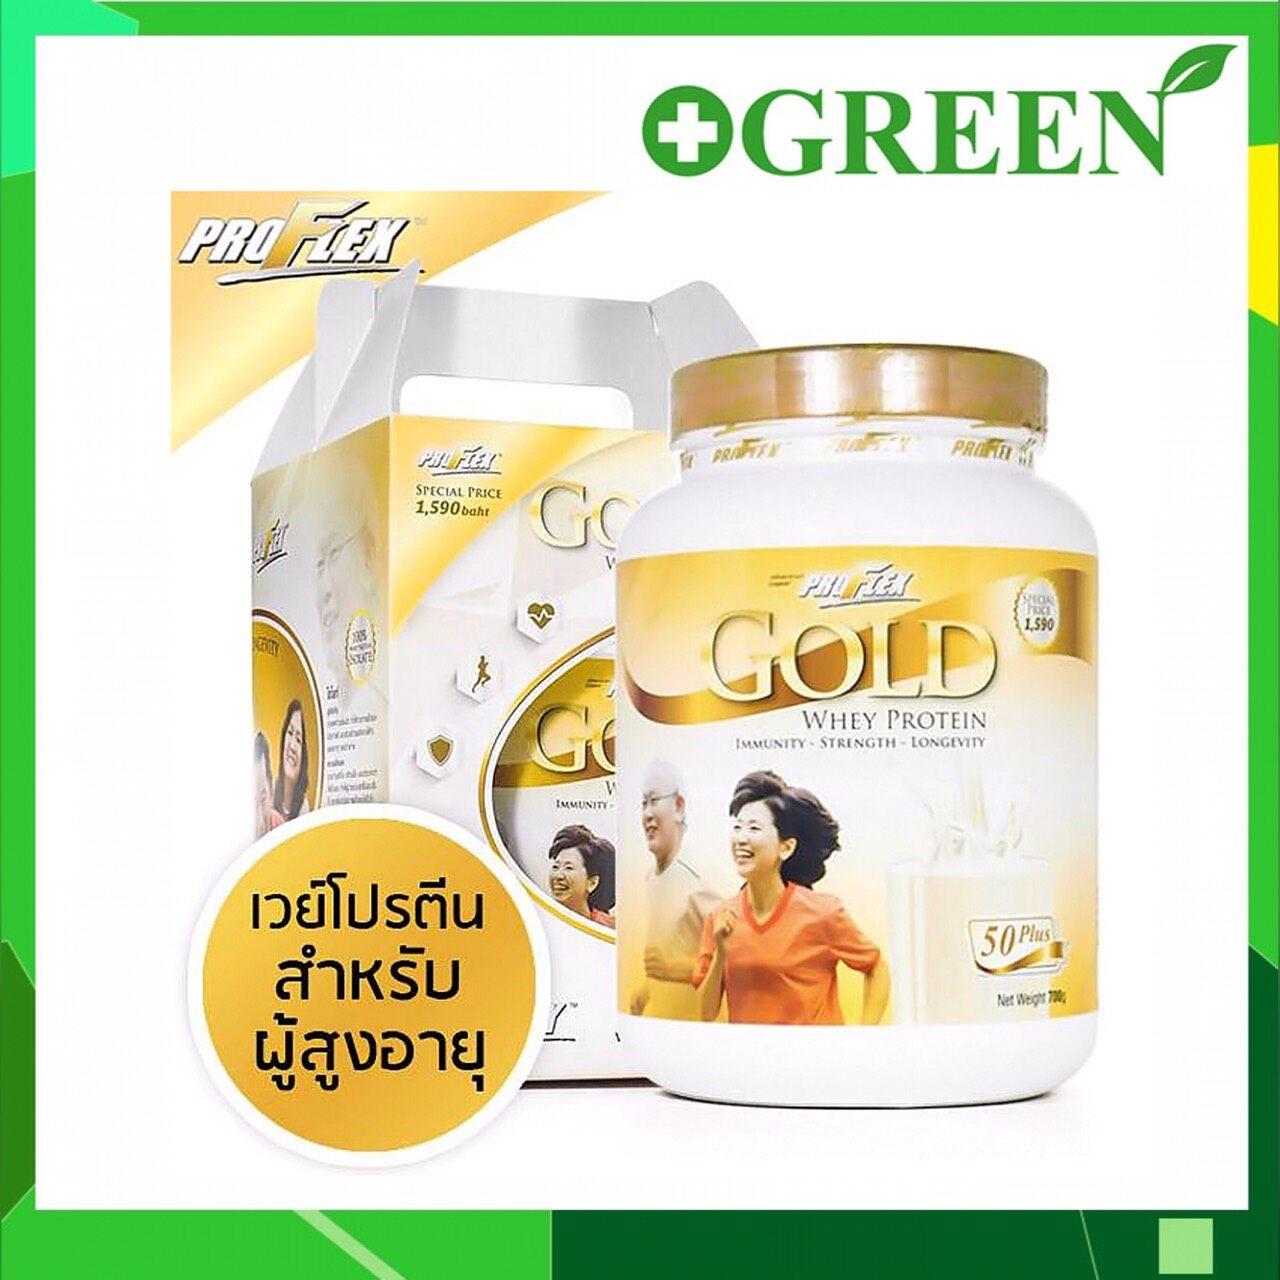 Proflex Gold 700 G. เวย์โปรตีนสำหรับผู้สูงอายุ ขนาด 700 กรัม.